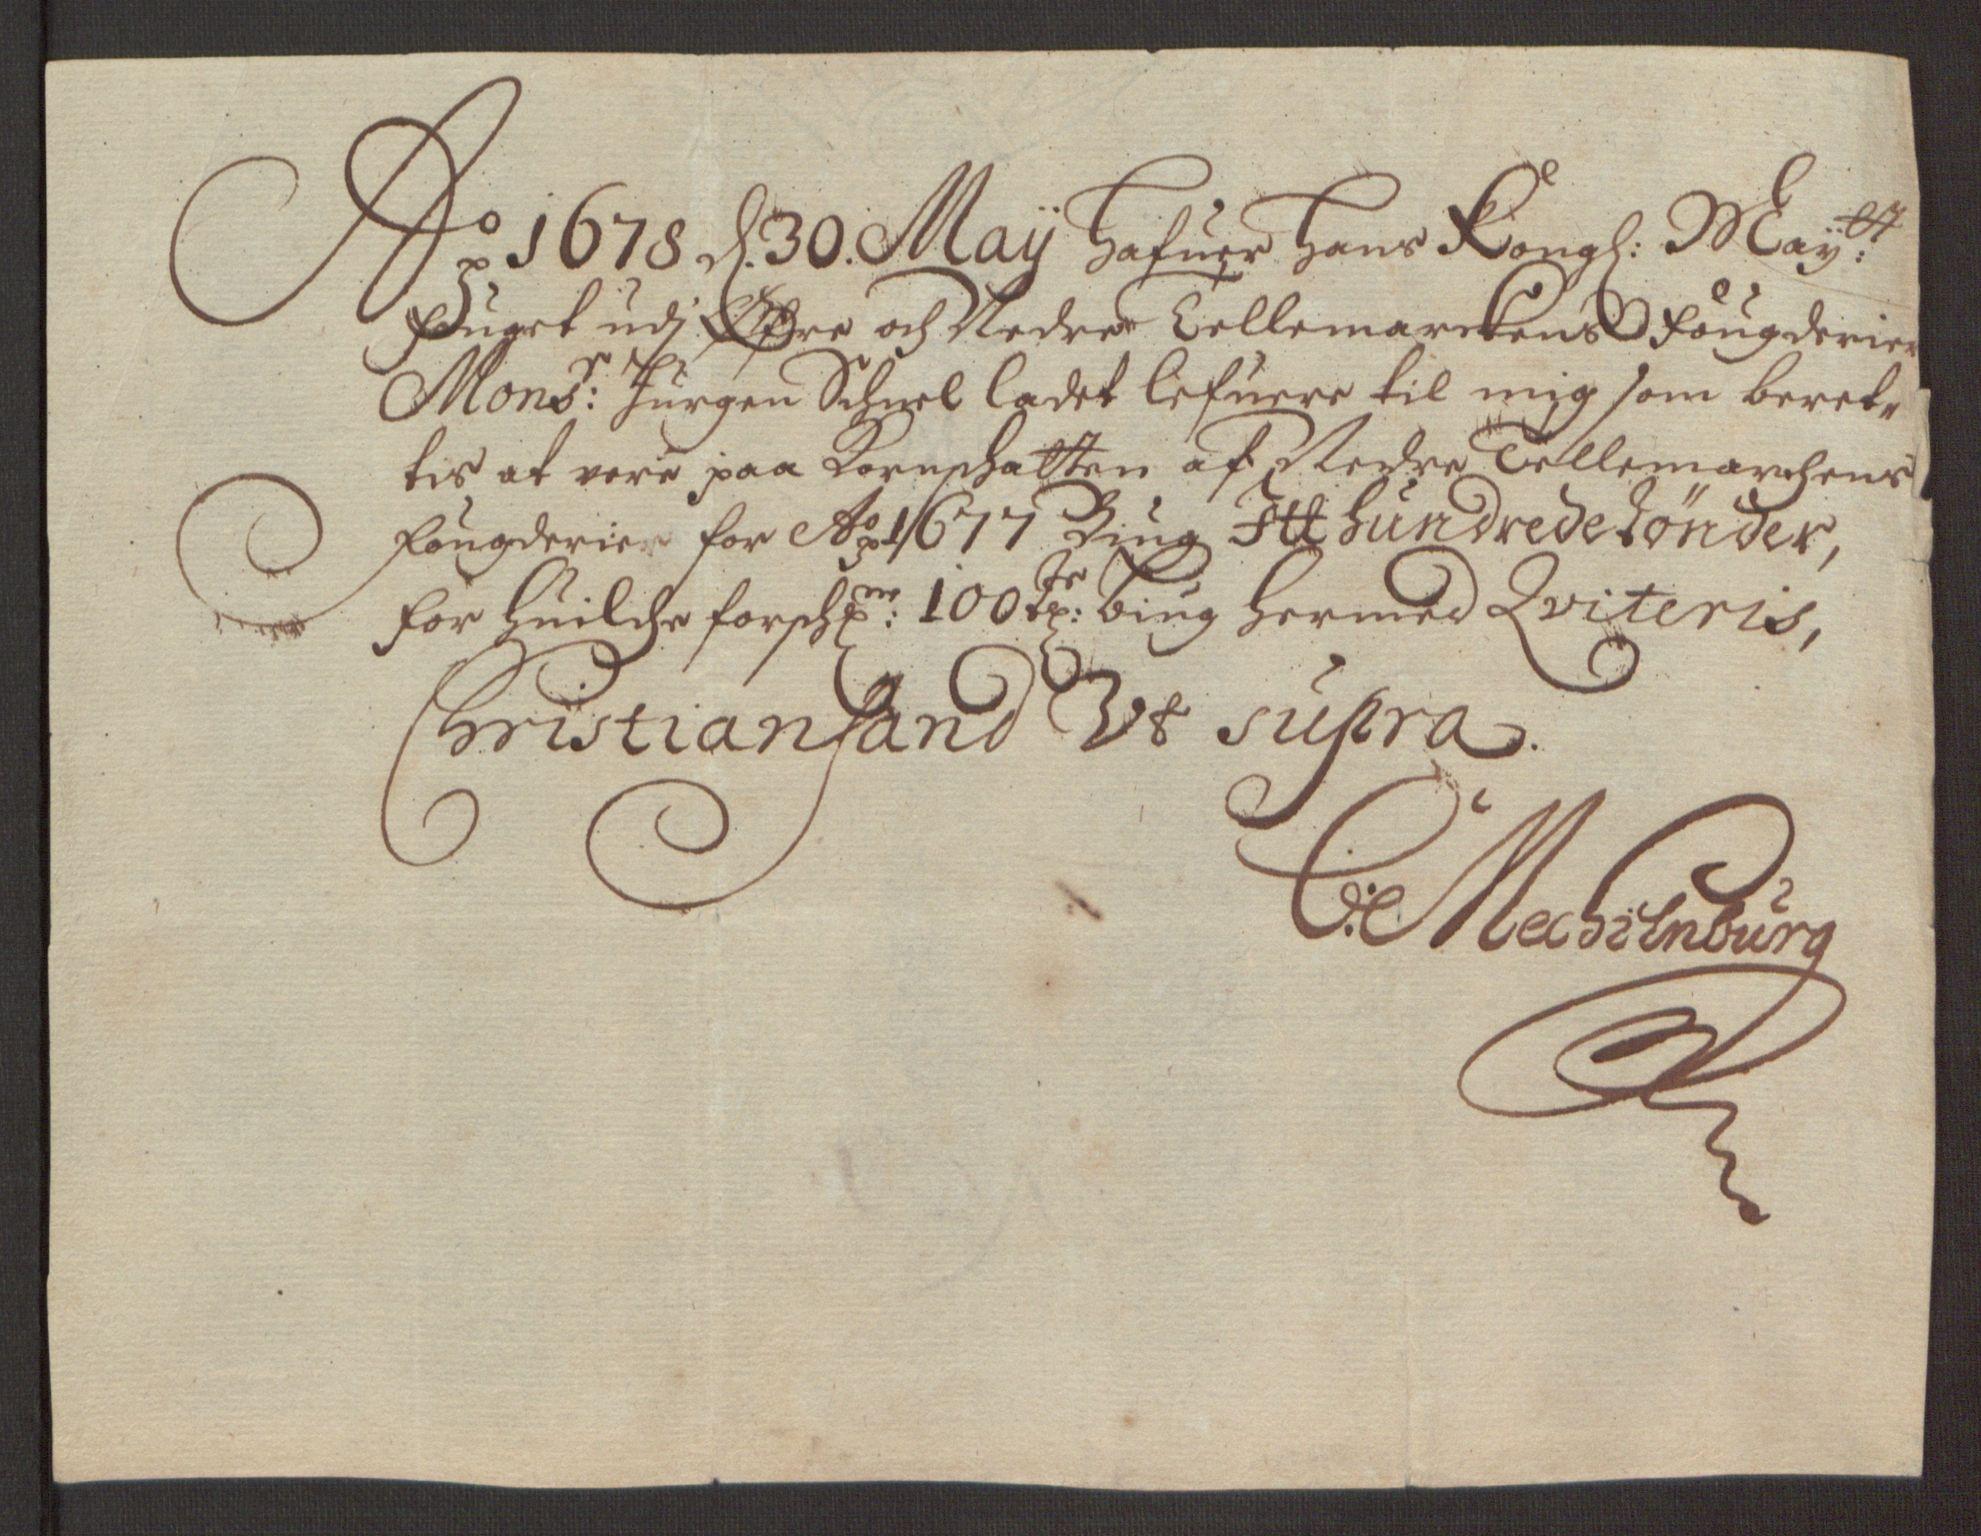 RA, Rentekammeret inntil 1814, Reviderte regnskaper, Fogderegnskap, R35/L2069: Fogderegnskap Øvre og Nedre Telemark, 1678, s. 244